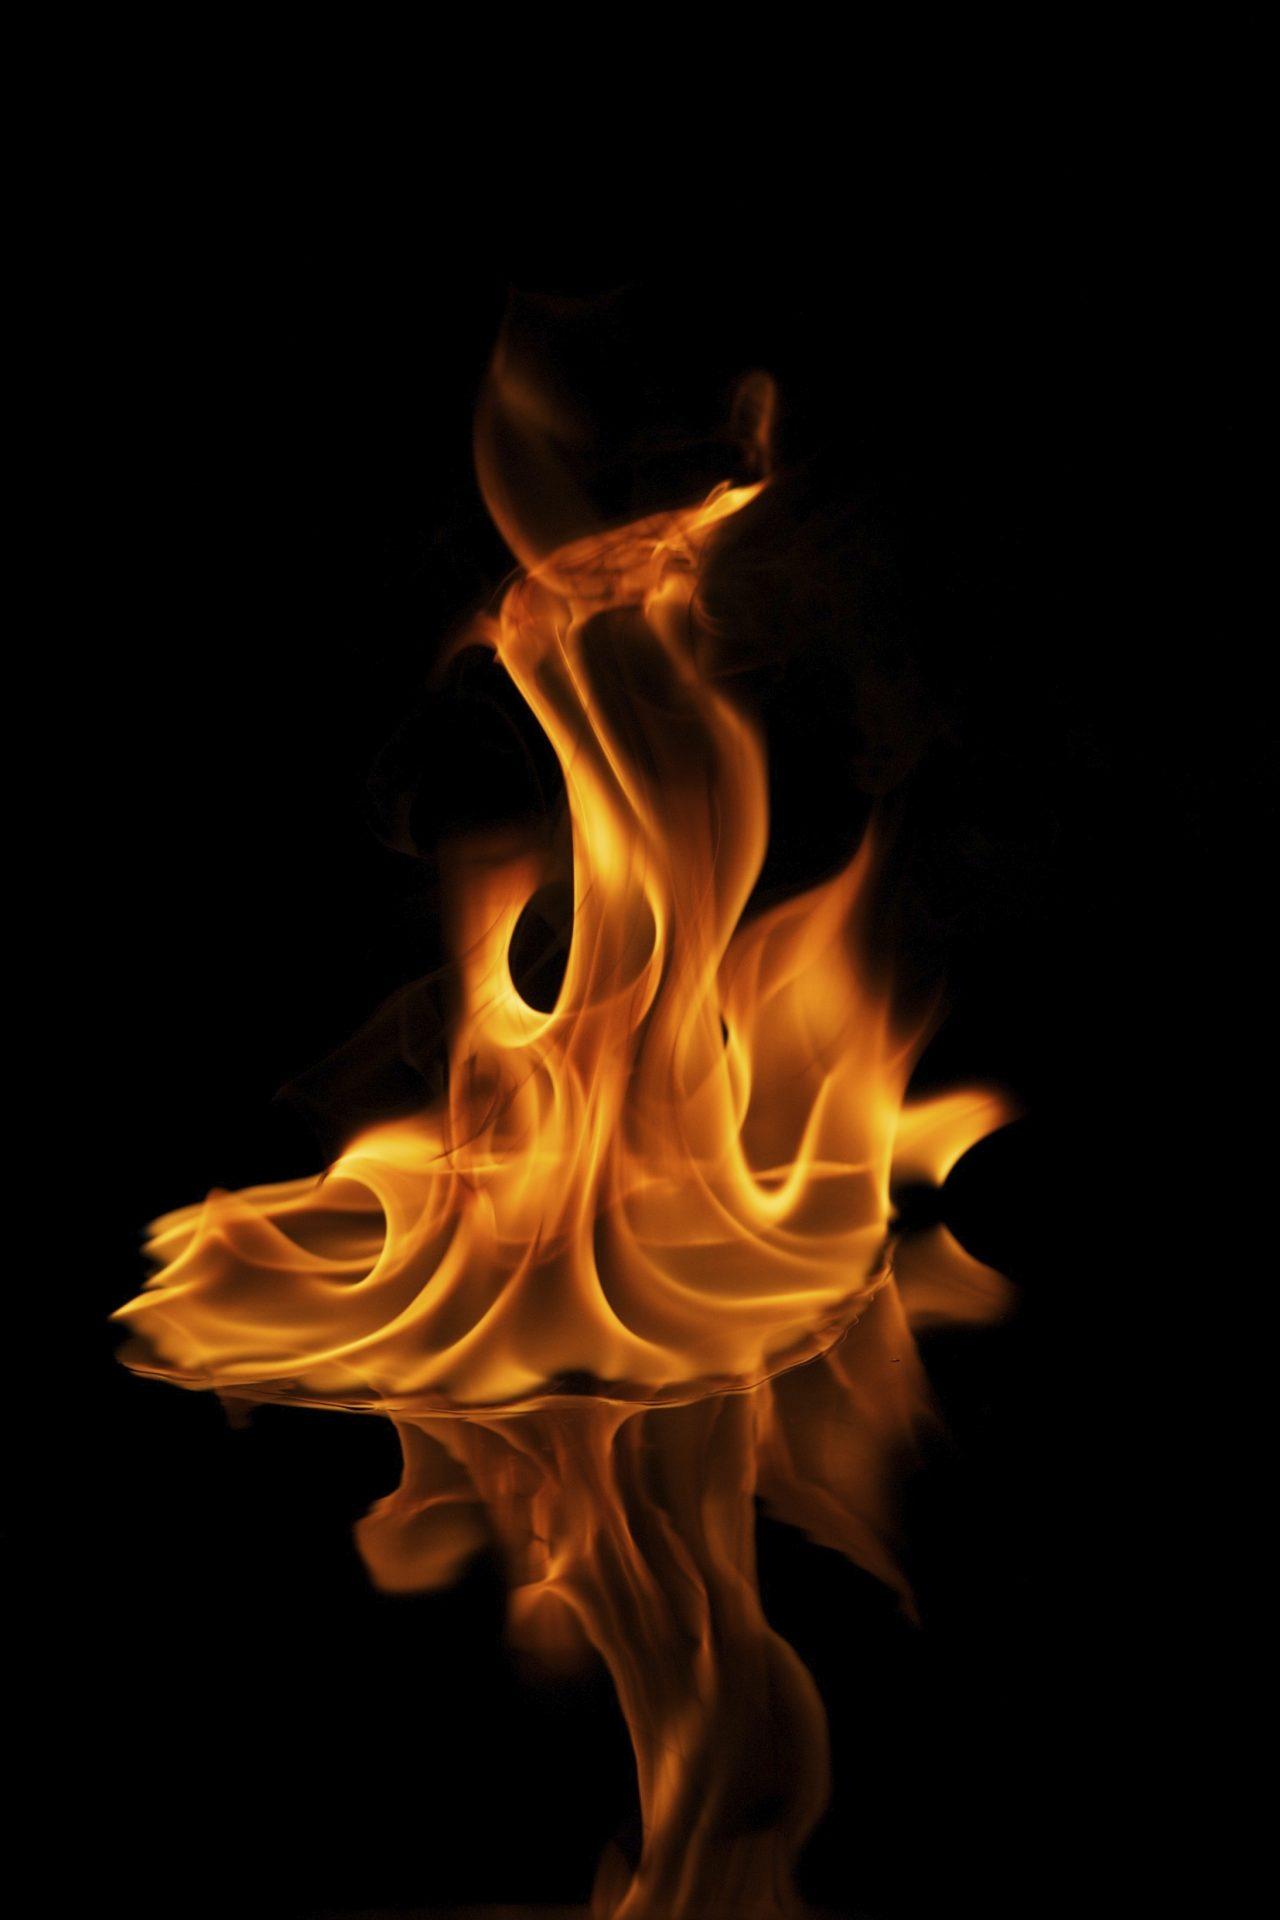 fire image mercerme com